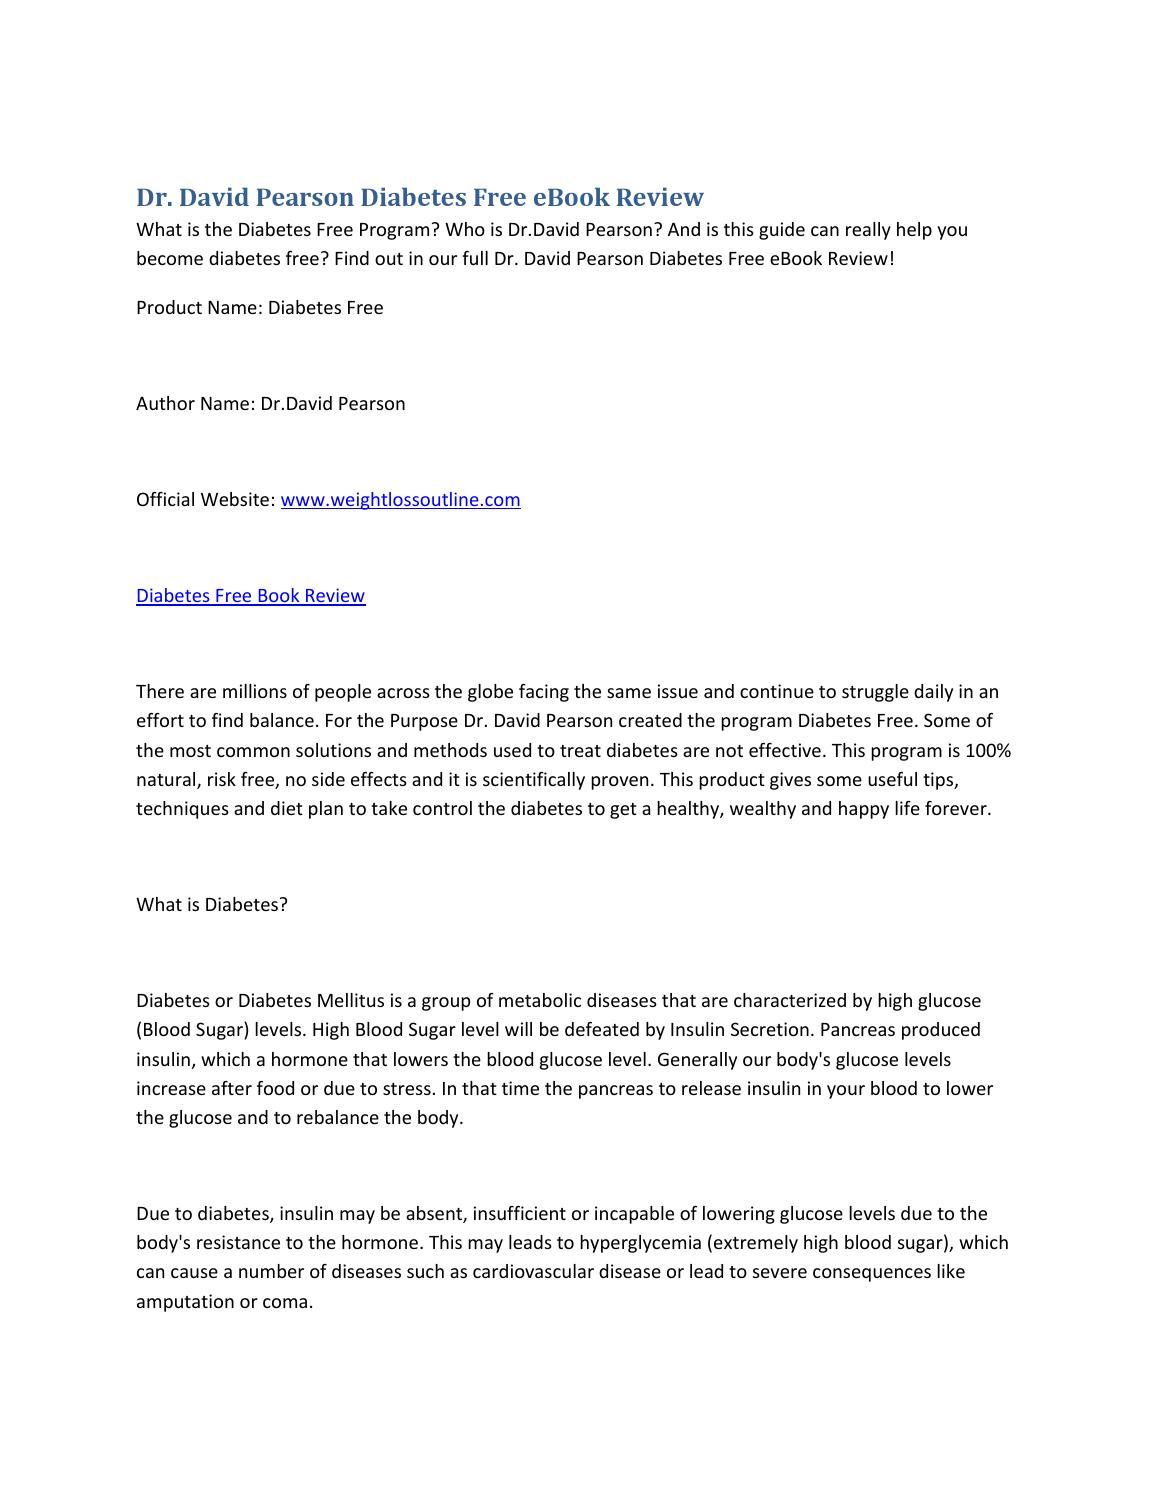 diabetes free dr pearson pdf download